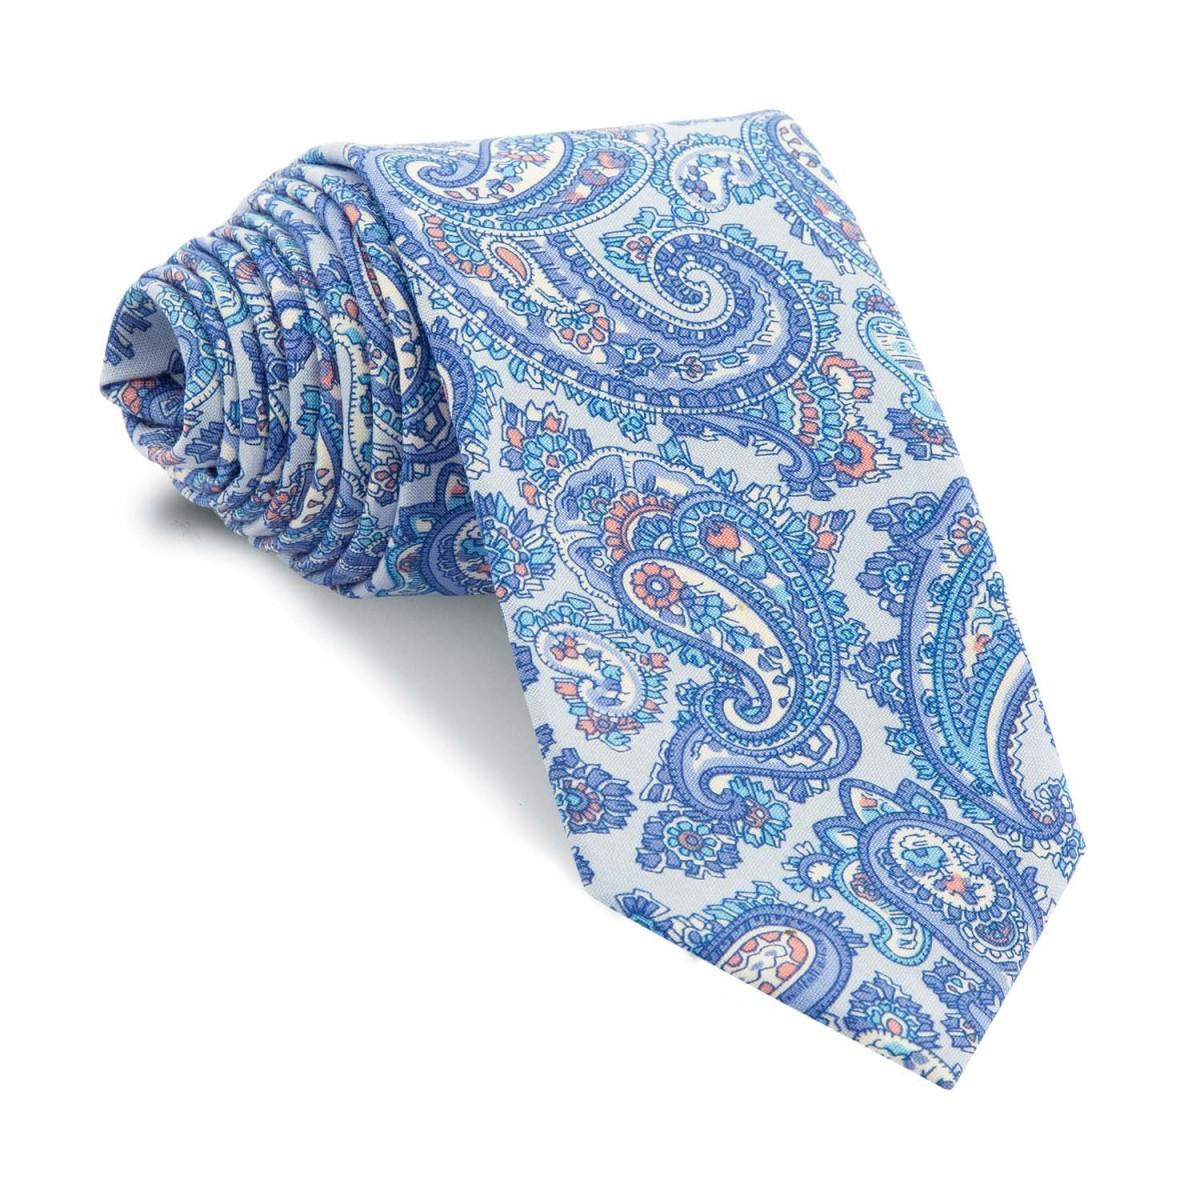 Corbata-Celeste-Cachemires-Azules-y-Turquesa